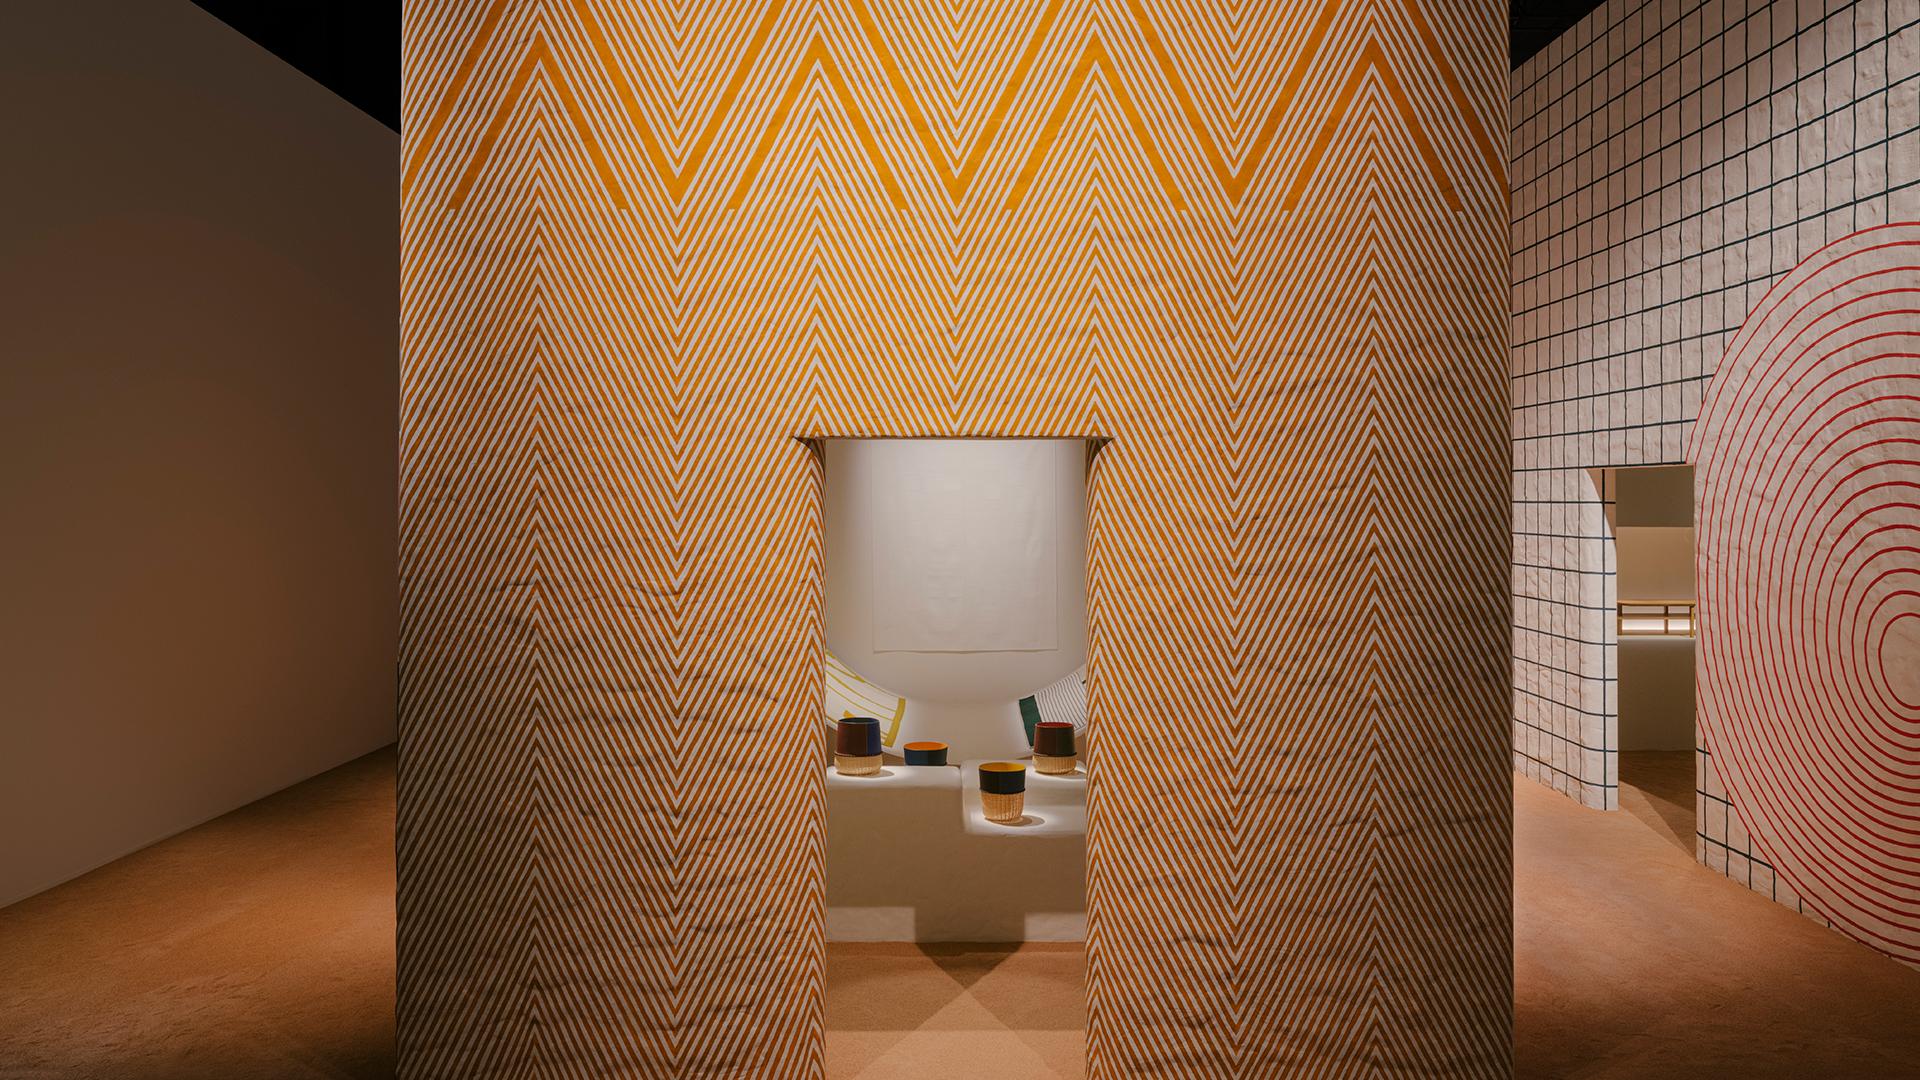 Quem visitou a exposição da Hermès ficou encantado com a experiência sensorial criada pela marca para apresentar sua nova coleção de objetos decorativos